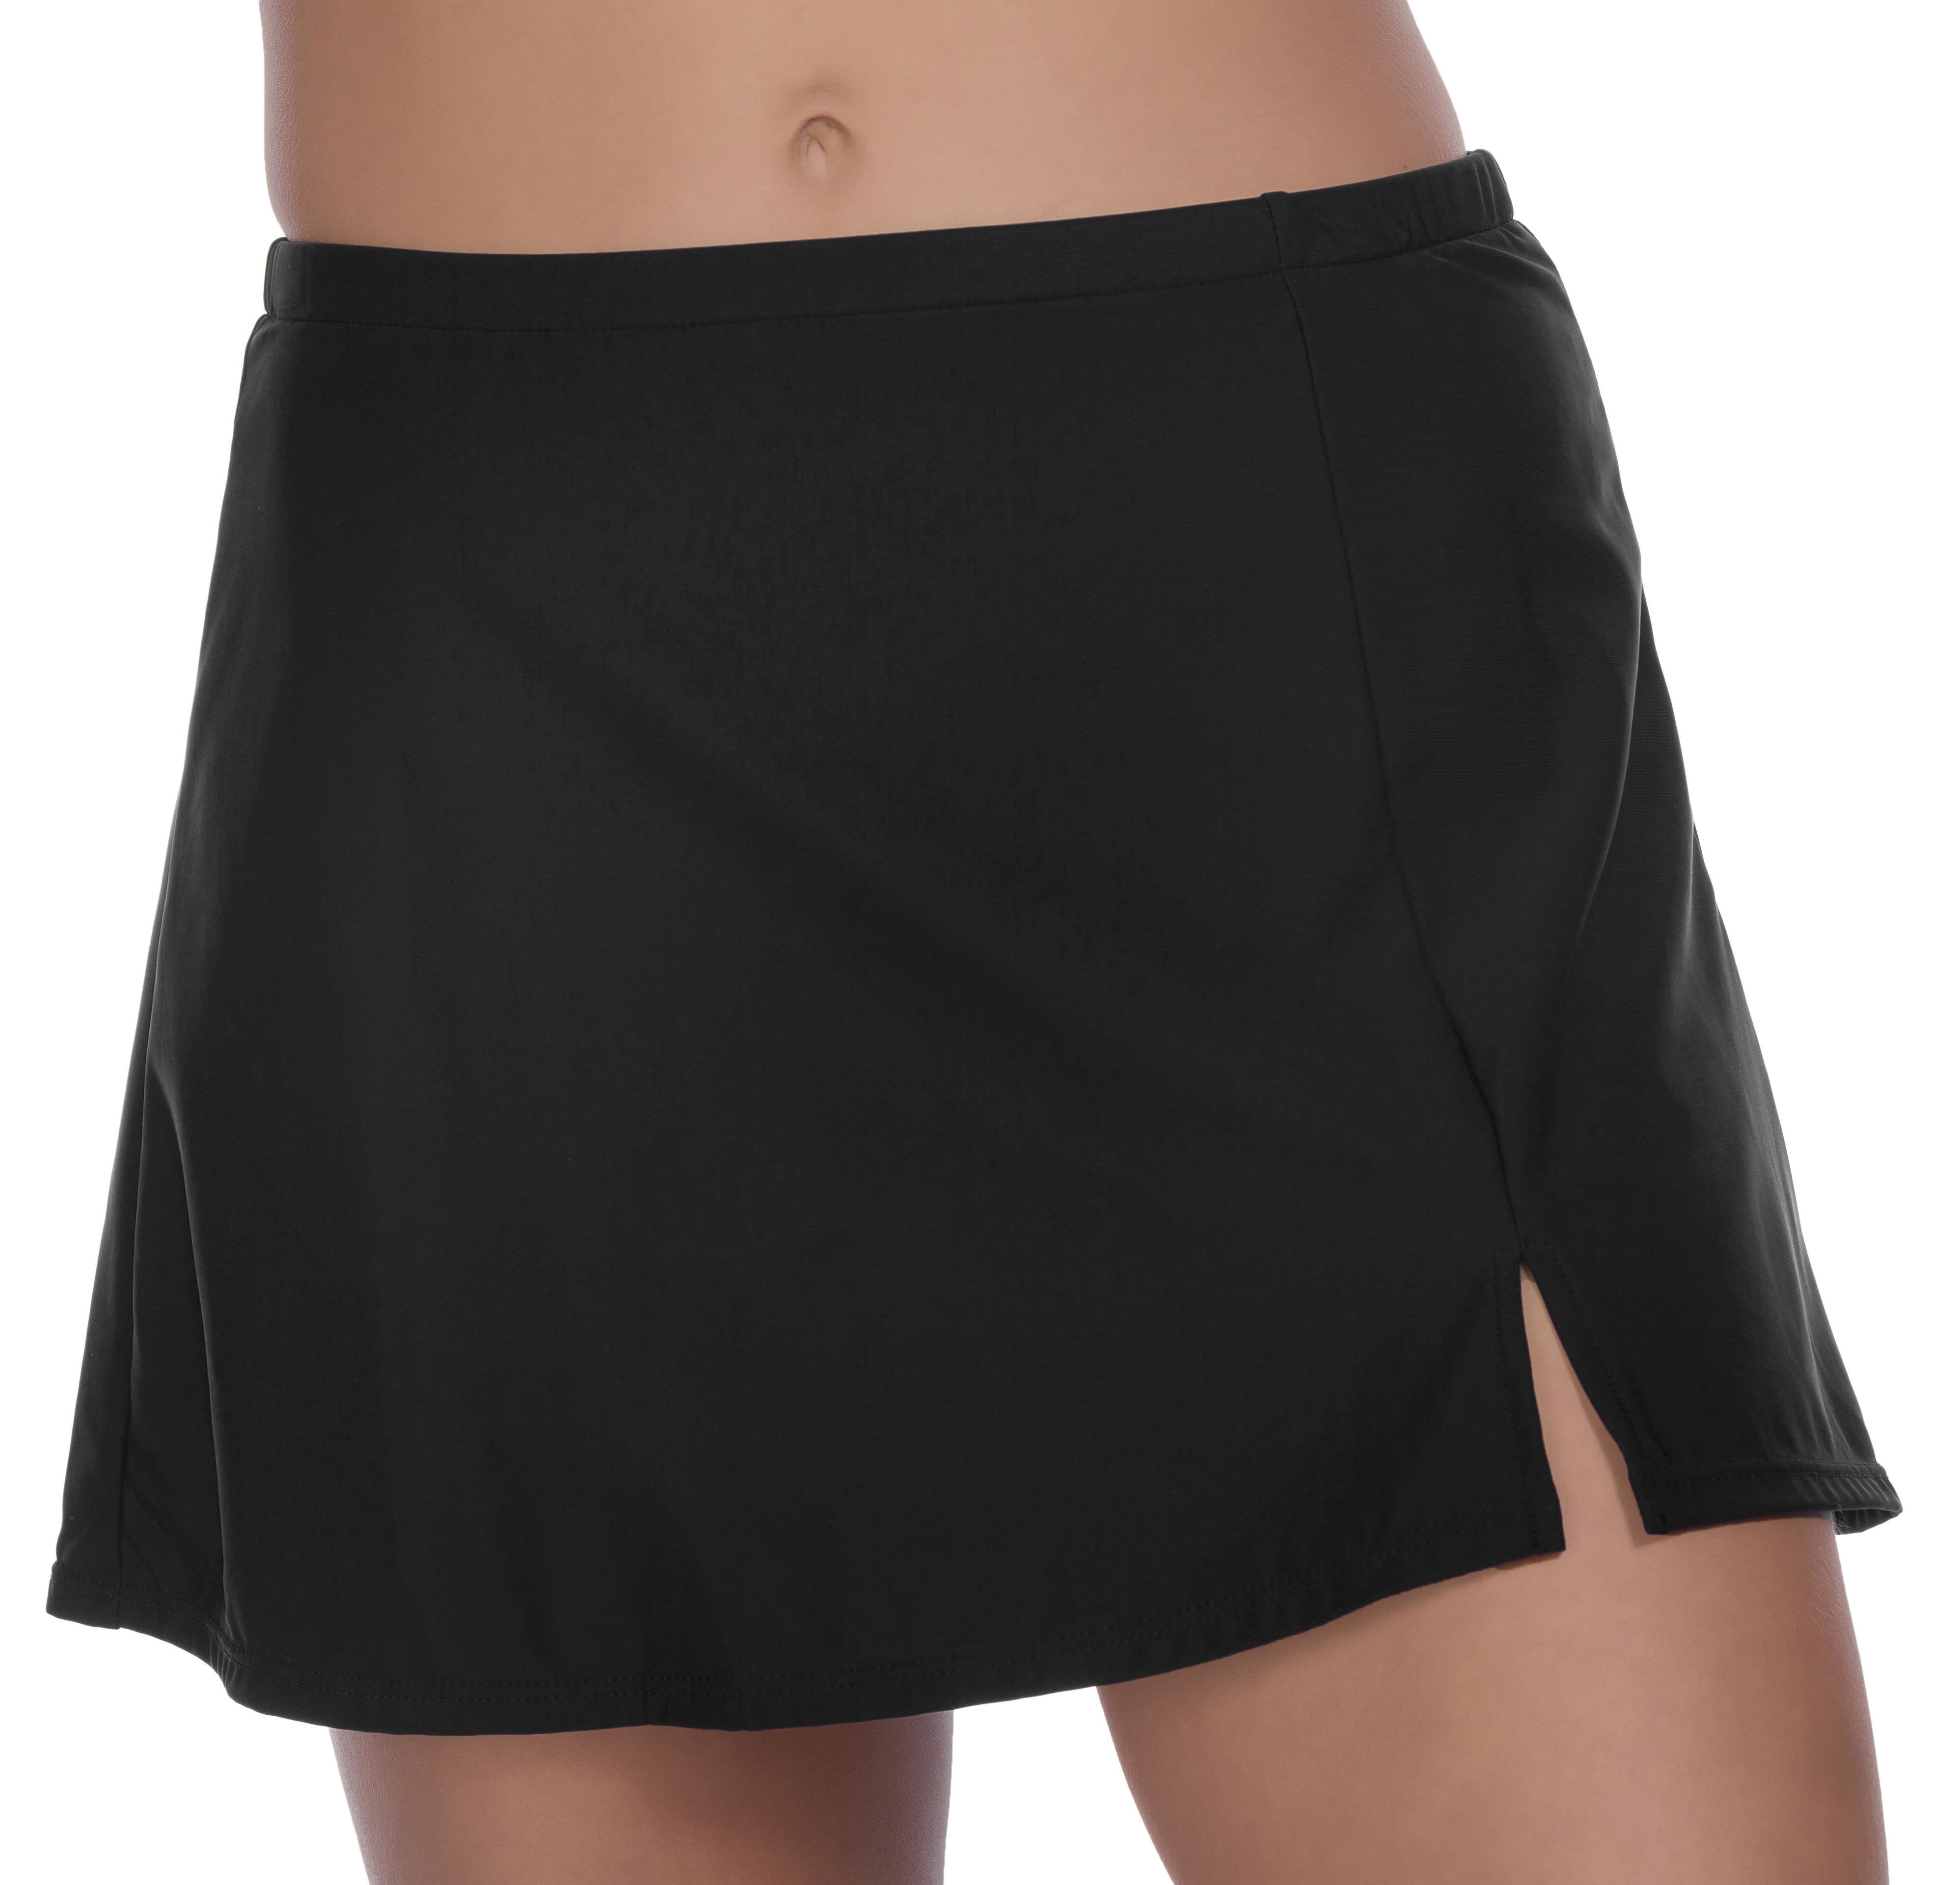 Penbrooke Side Slit Swimsuit Skirt Bottom - Black - Front